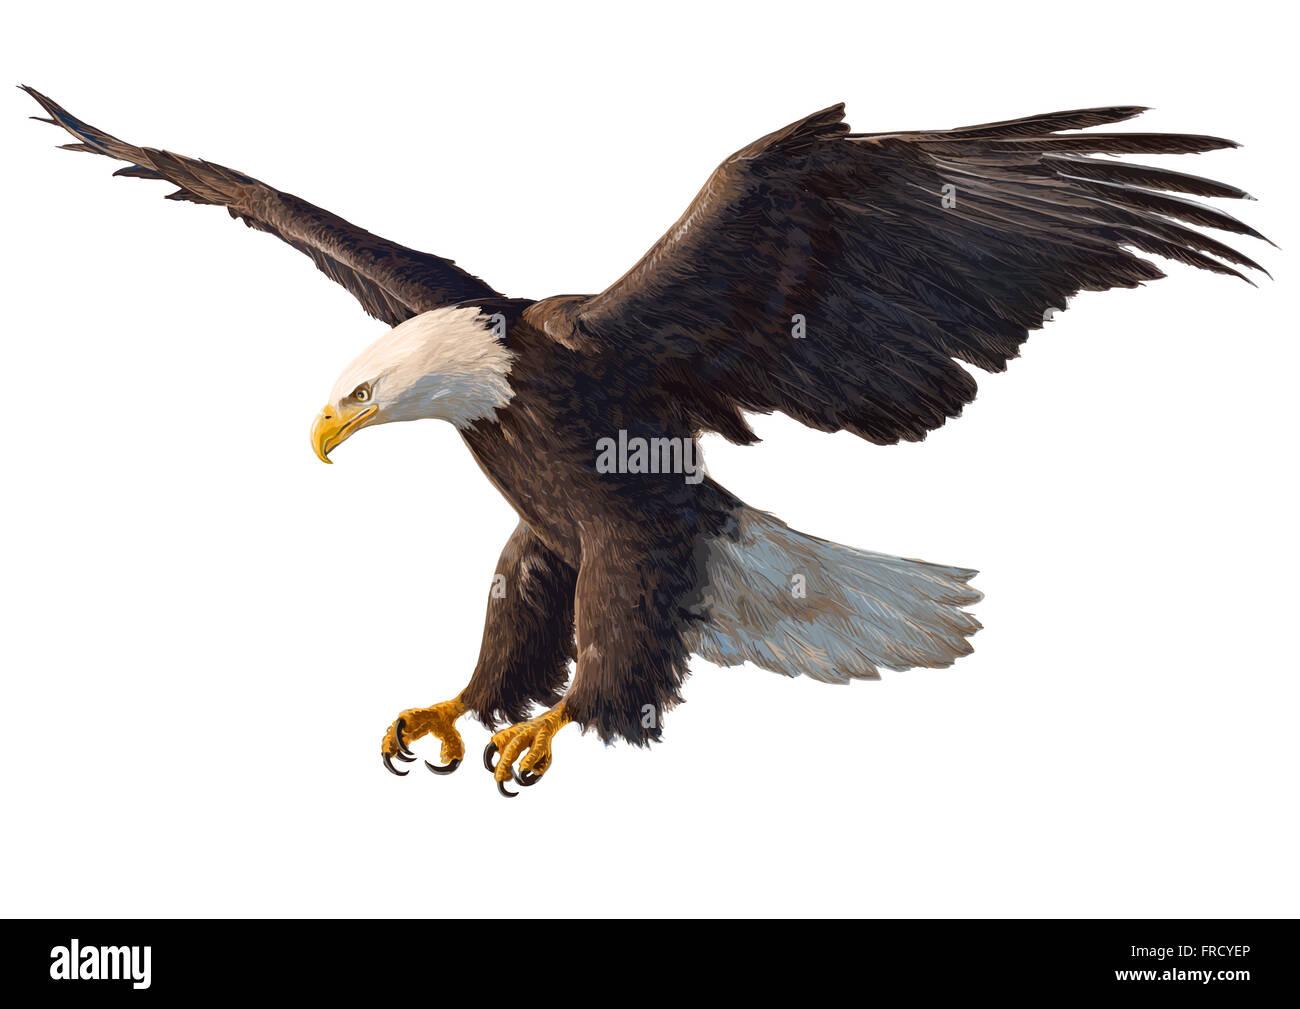 El águila calva swoop mano dibujar y pintar sobre fondo blanco ...